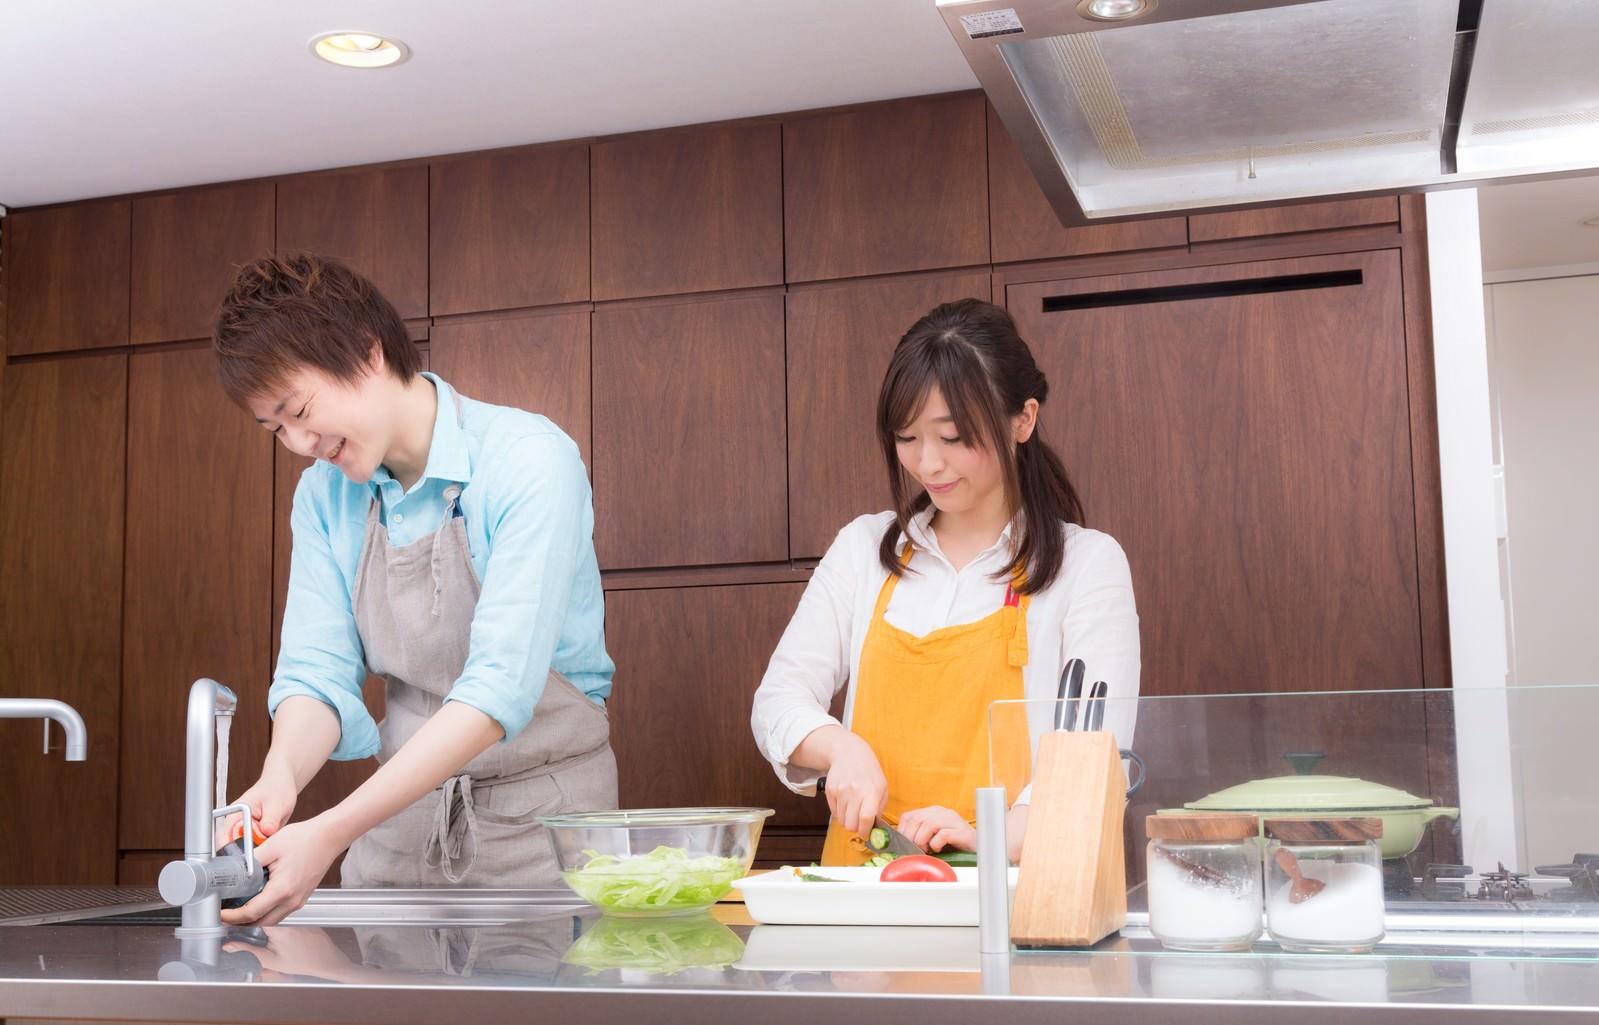 「仲睦まじくキッチンで料理をする若い夫婦仲睦まじくキッチンで料理をする若い夫婦」[モデル:五十嵐夫妻]のフリー写真素材を拡大